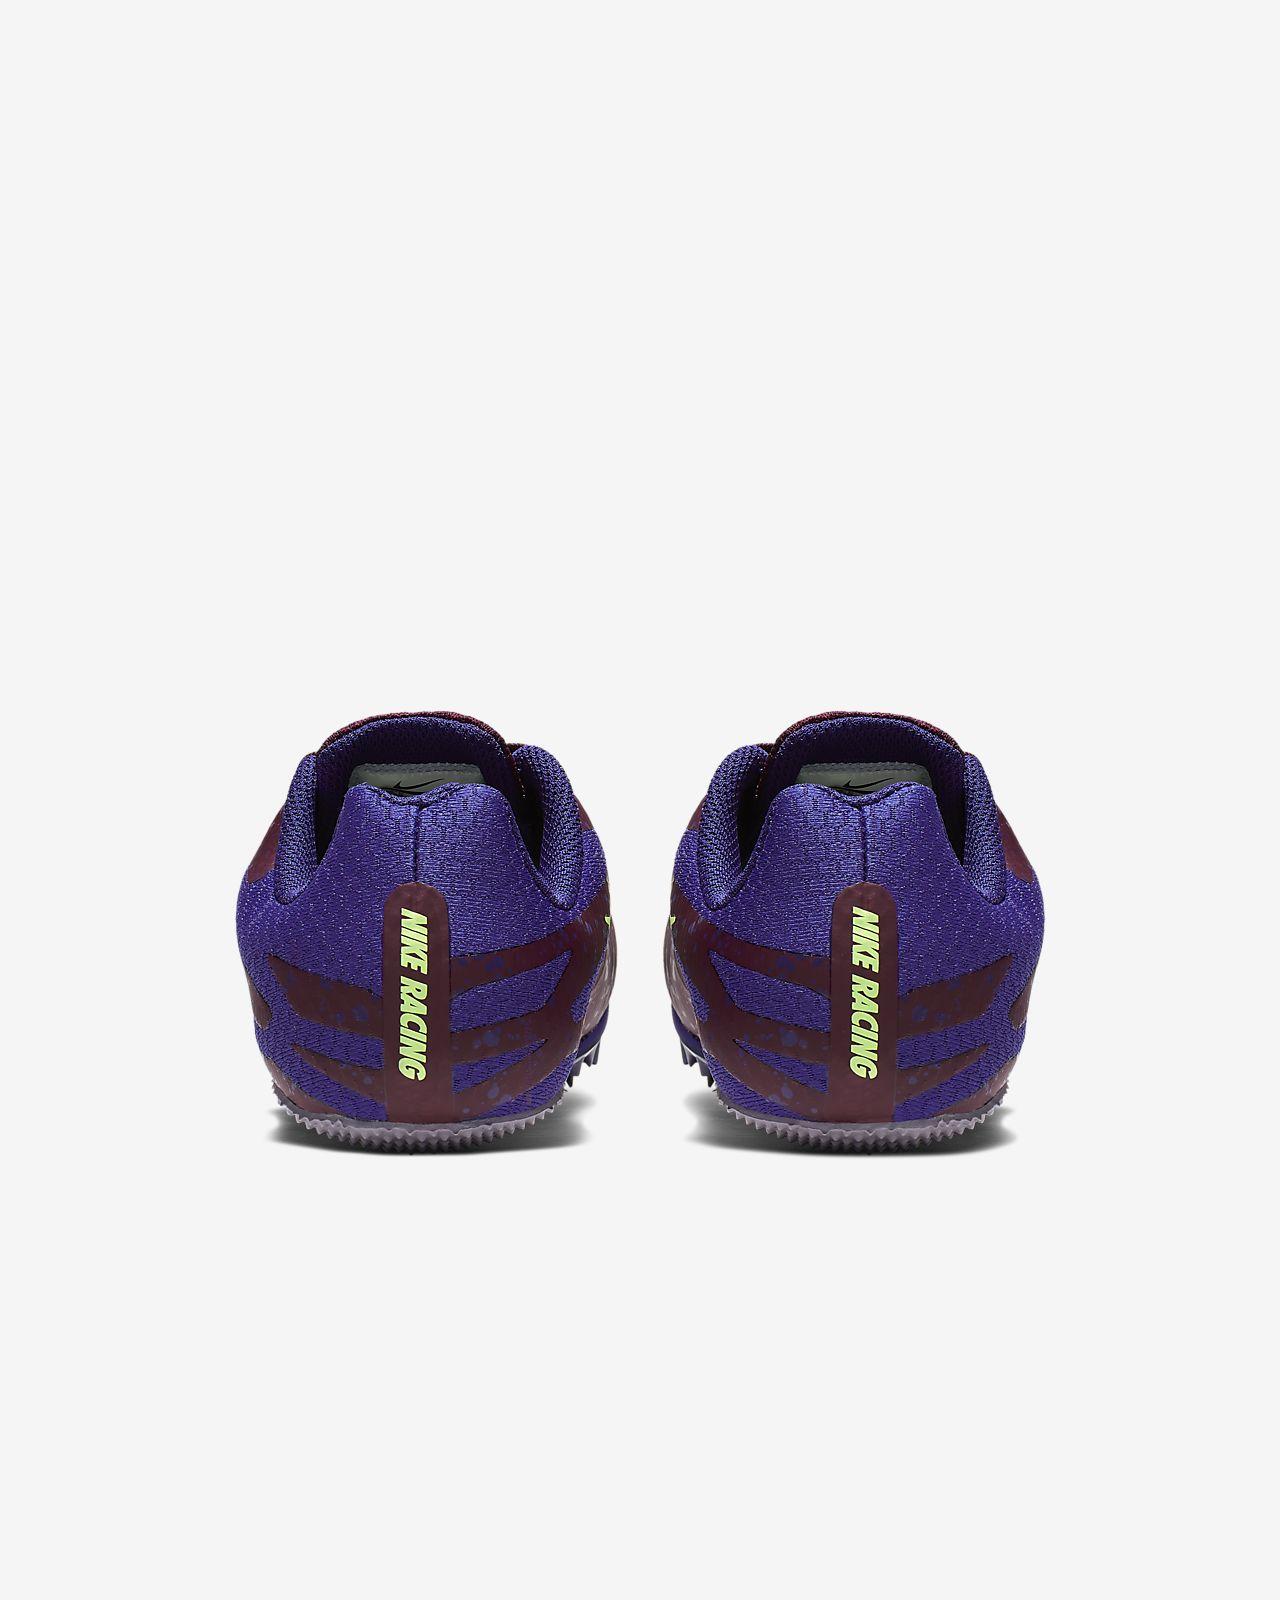 fe2e77ea056e4 Nike Zoom Rival S 9 Women s Track Spike. Nike.com